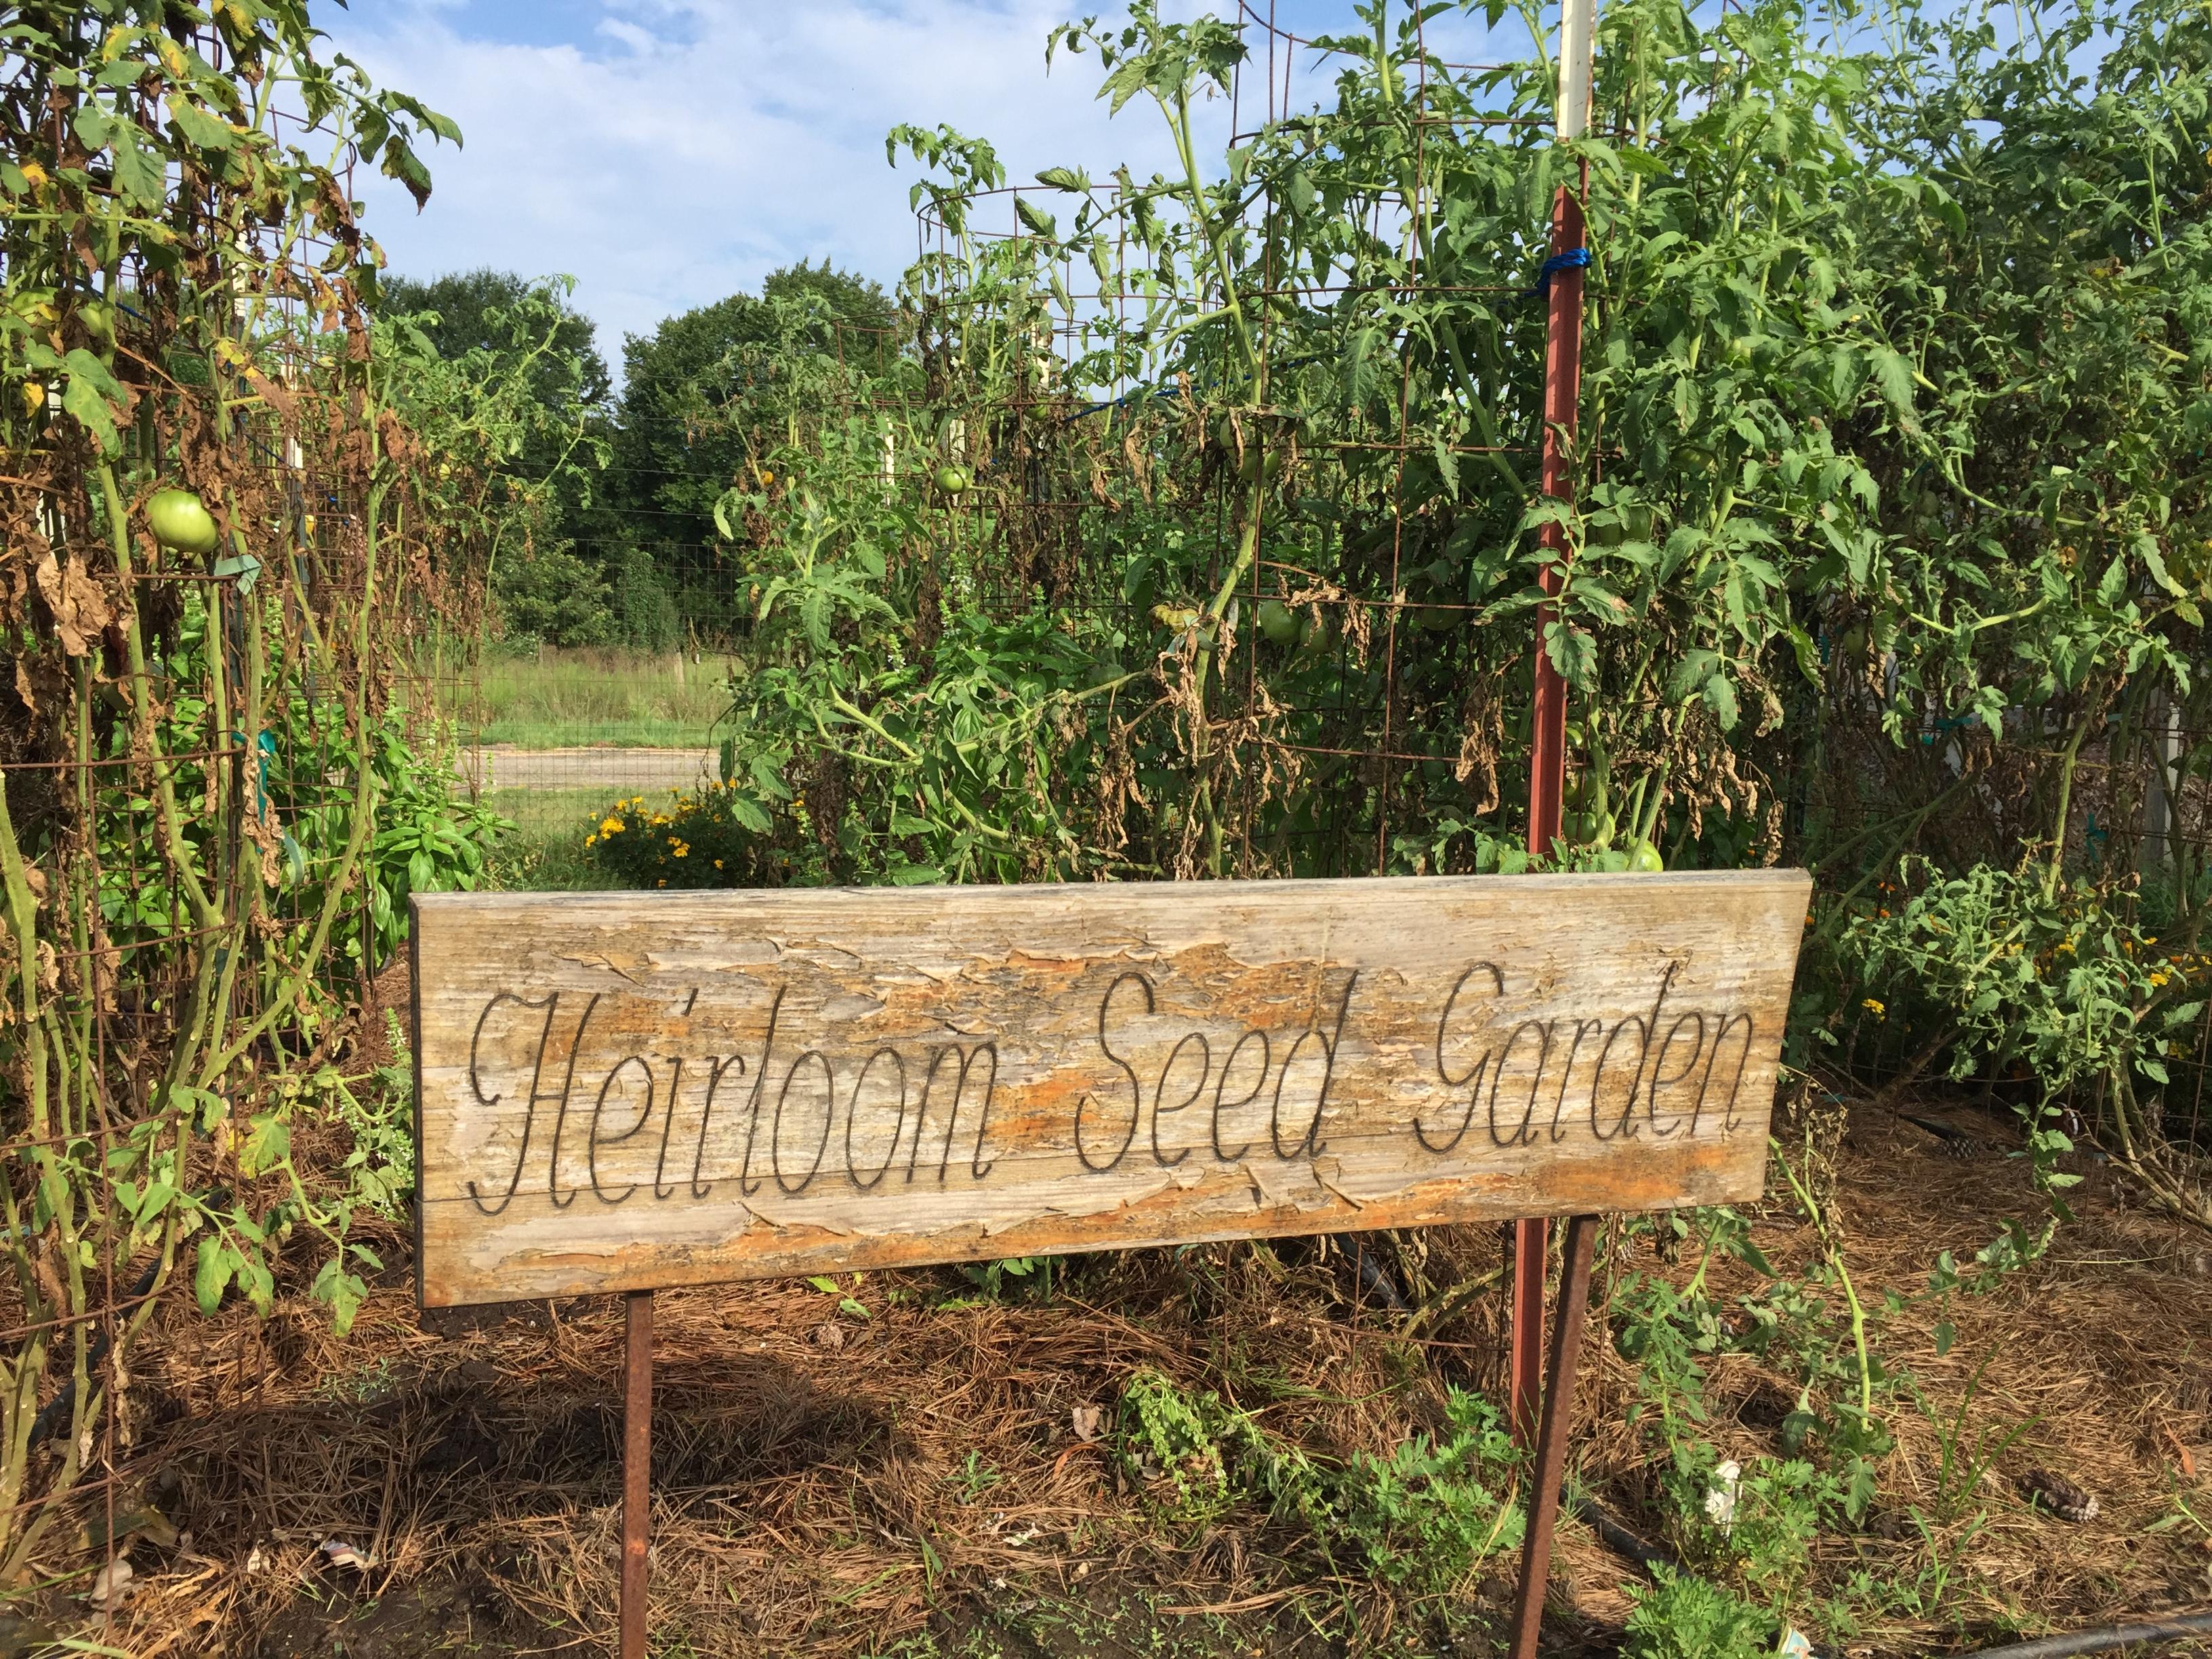 Heirloom Seed Garden